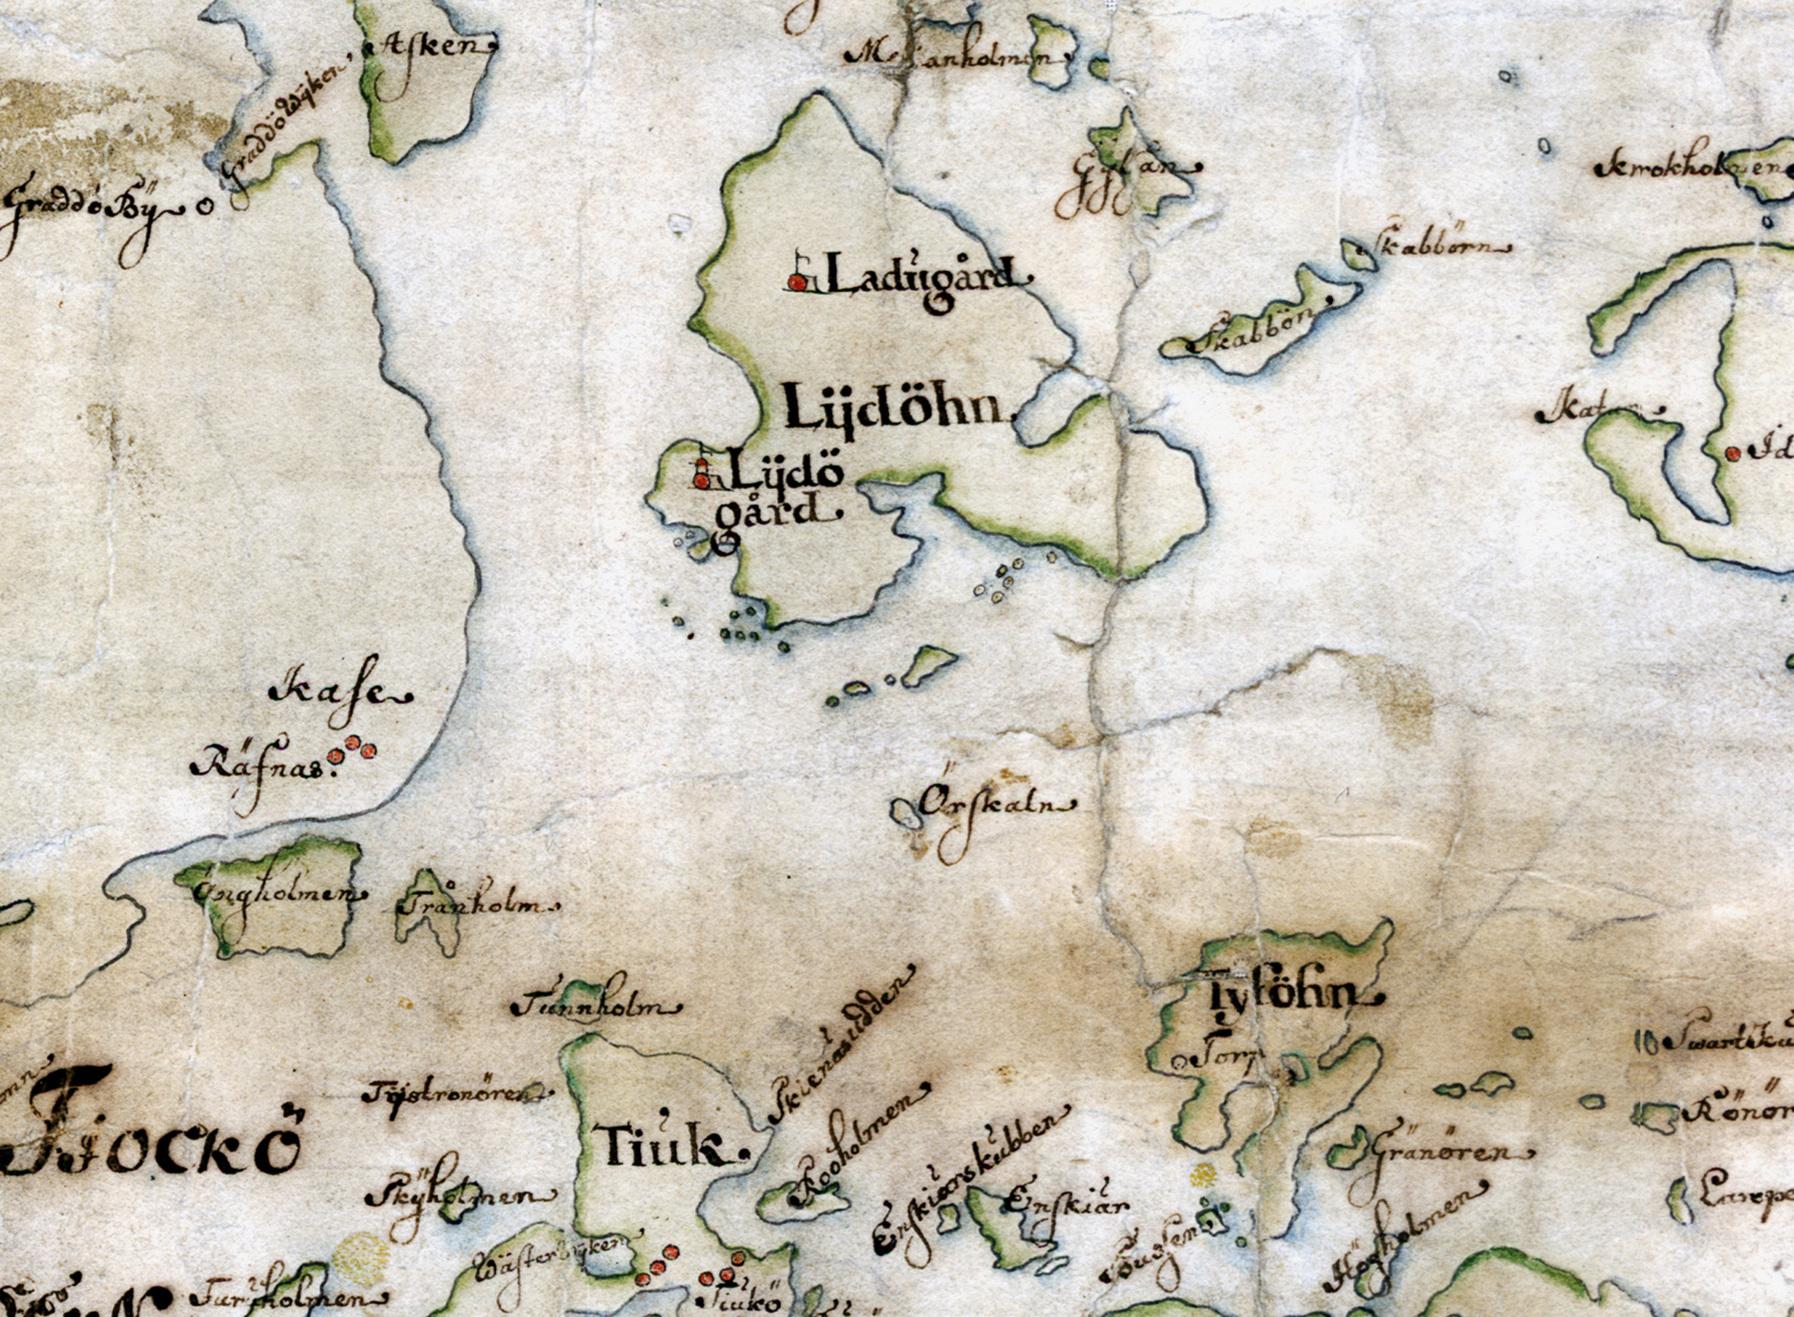 Lidö, Tyvön och omgivningar på Carl Gripenhielms skärgårdskarta från 1690-talet. Väderstrecken är förvridna.